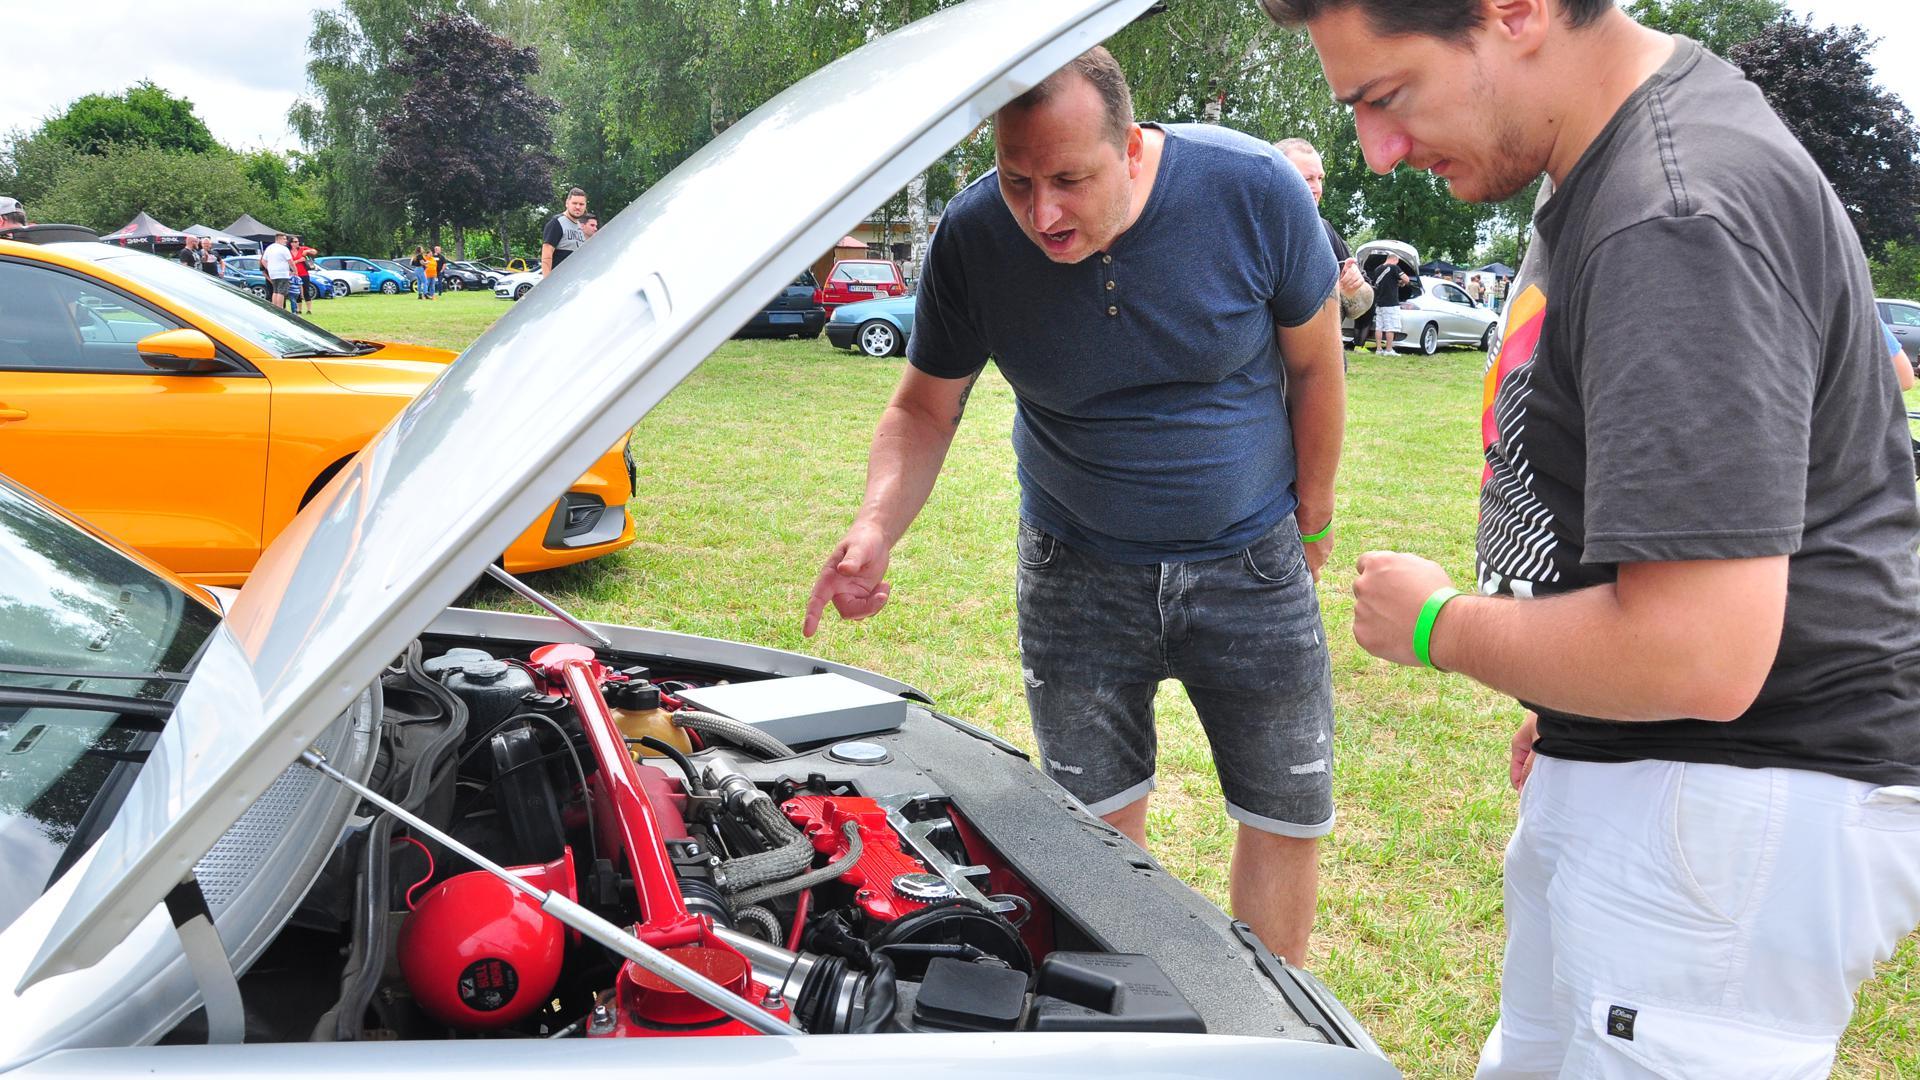 """André Kretschmer (l.) zusammen mit einem weiteren Teilnehmer von """"Eat&Chill"""" am Opel Kadett aus dem Jahr 1989. Das Treffen ist Gelegenheit, sich zu unterhalten und Erfahrungen auszutauschen."""